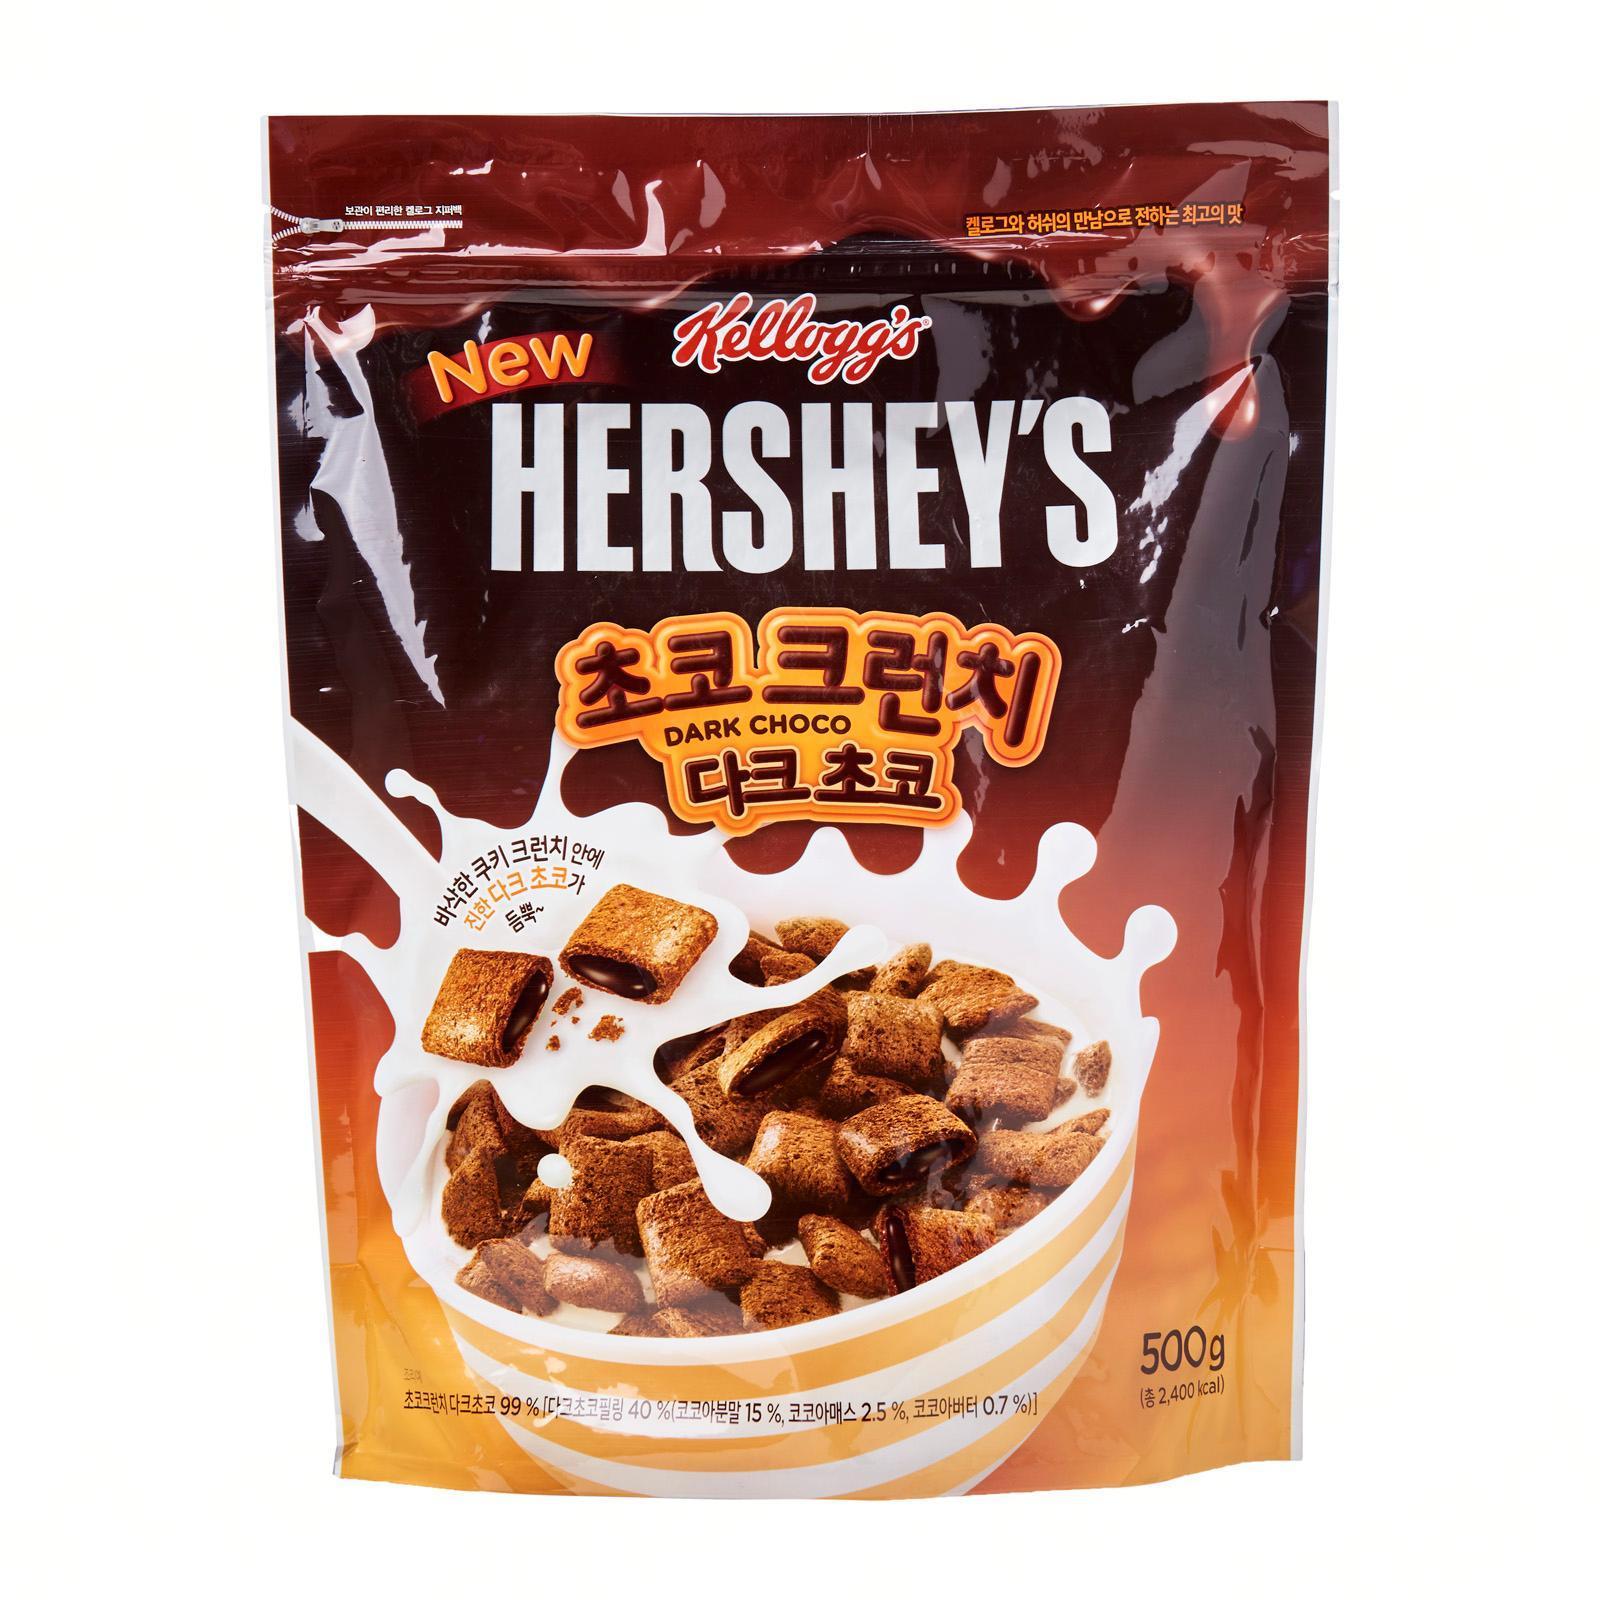 Kellogg's X Hershey's Choco Crunch